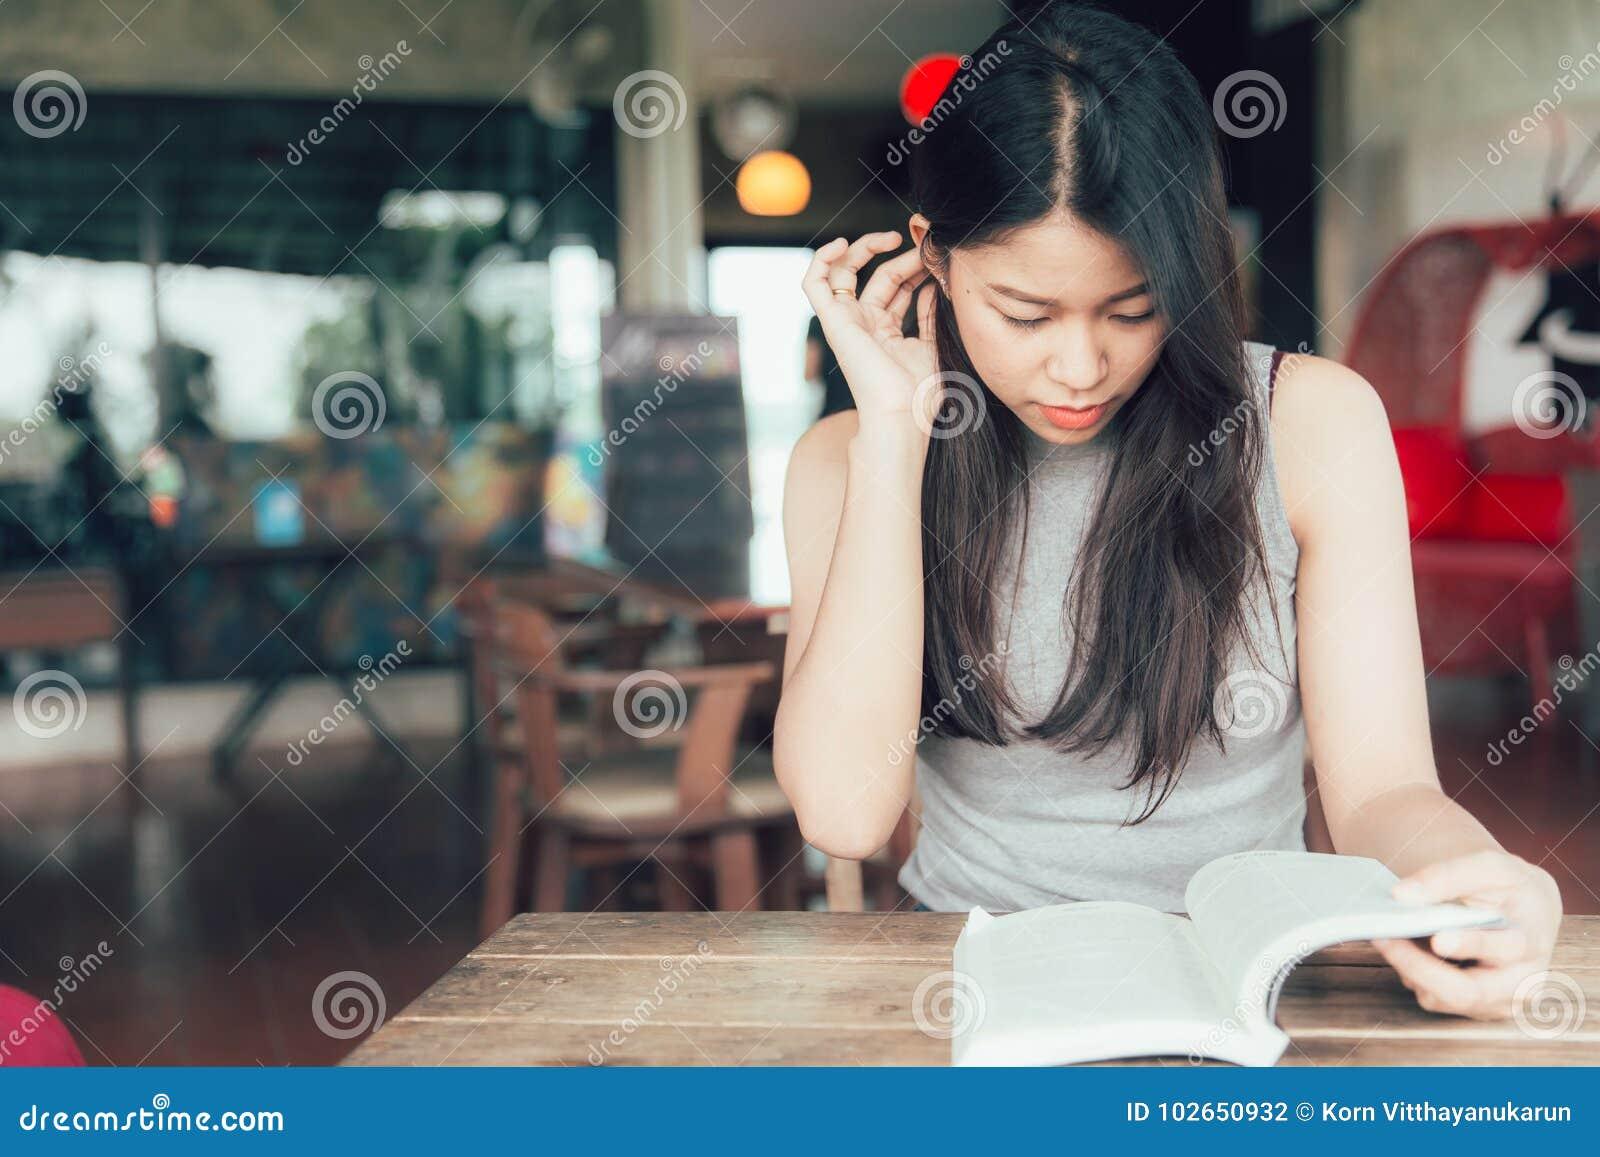 Enjoy si rilassa i periodi con le donne che asiatiche dei libri di lettura bello teenager tailandese legge un libro